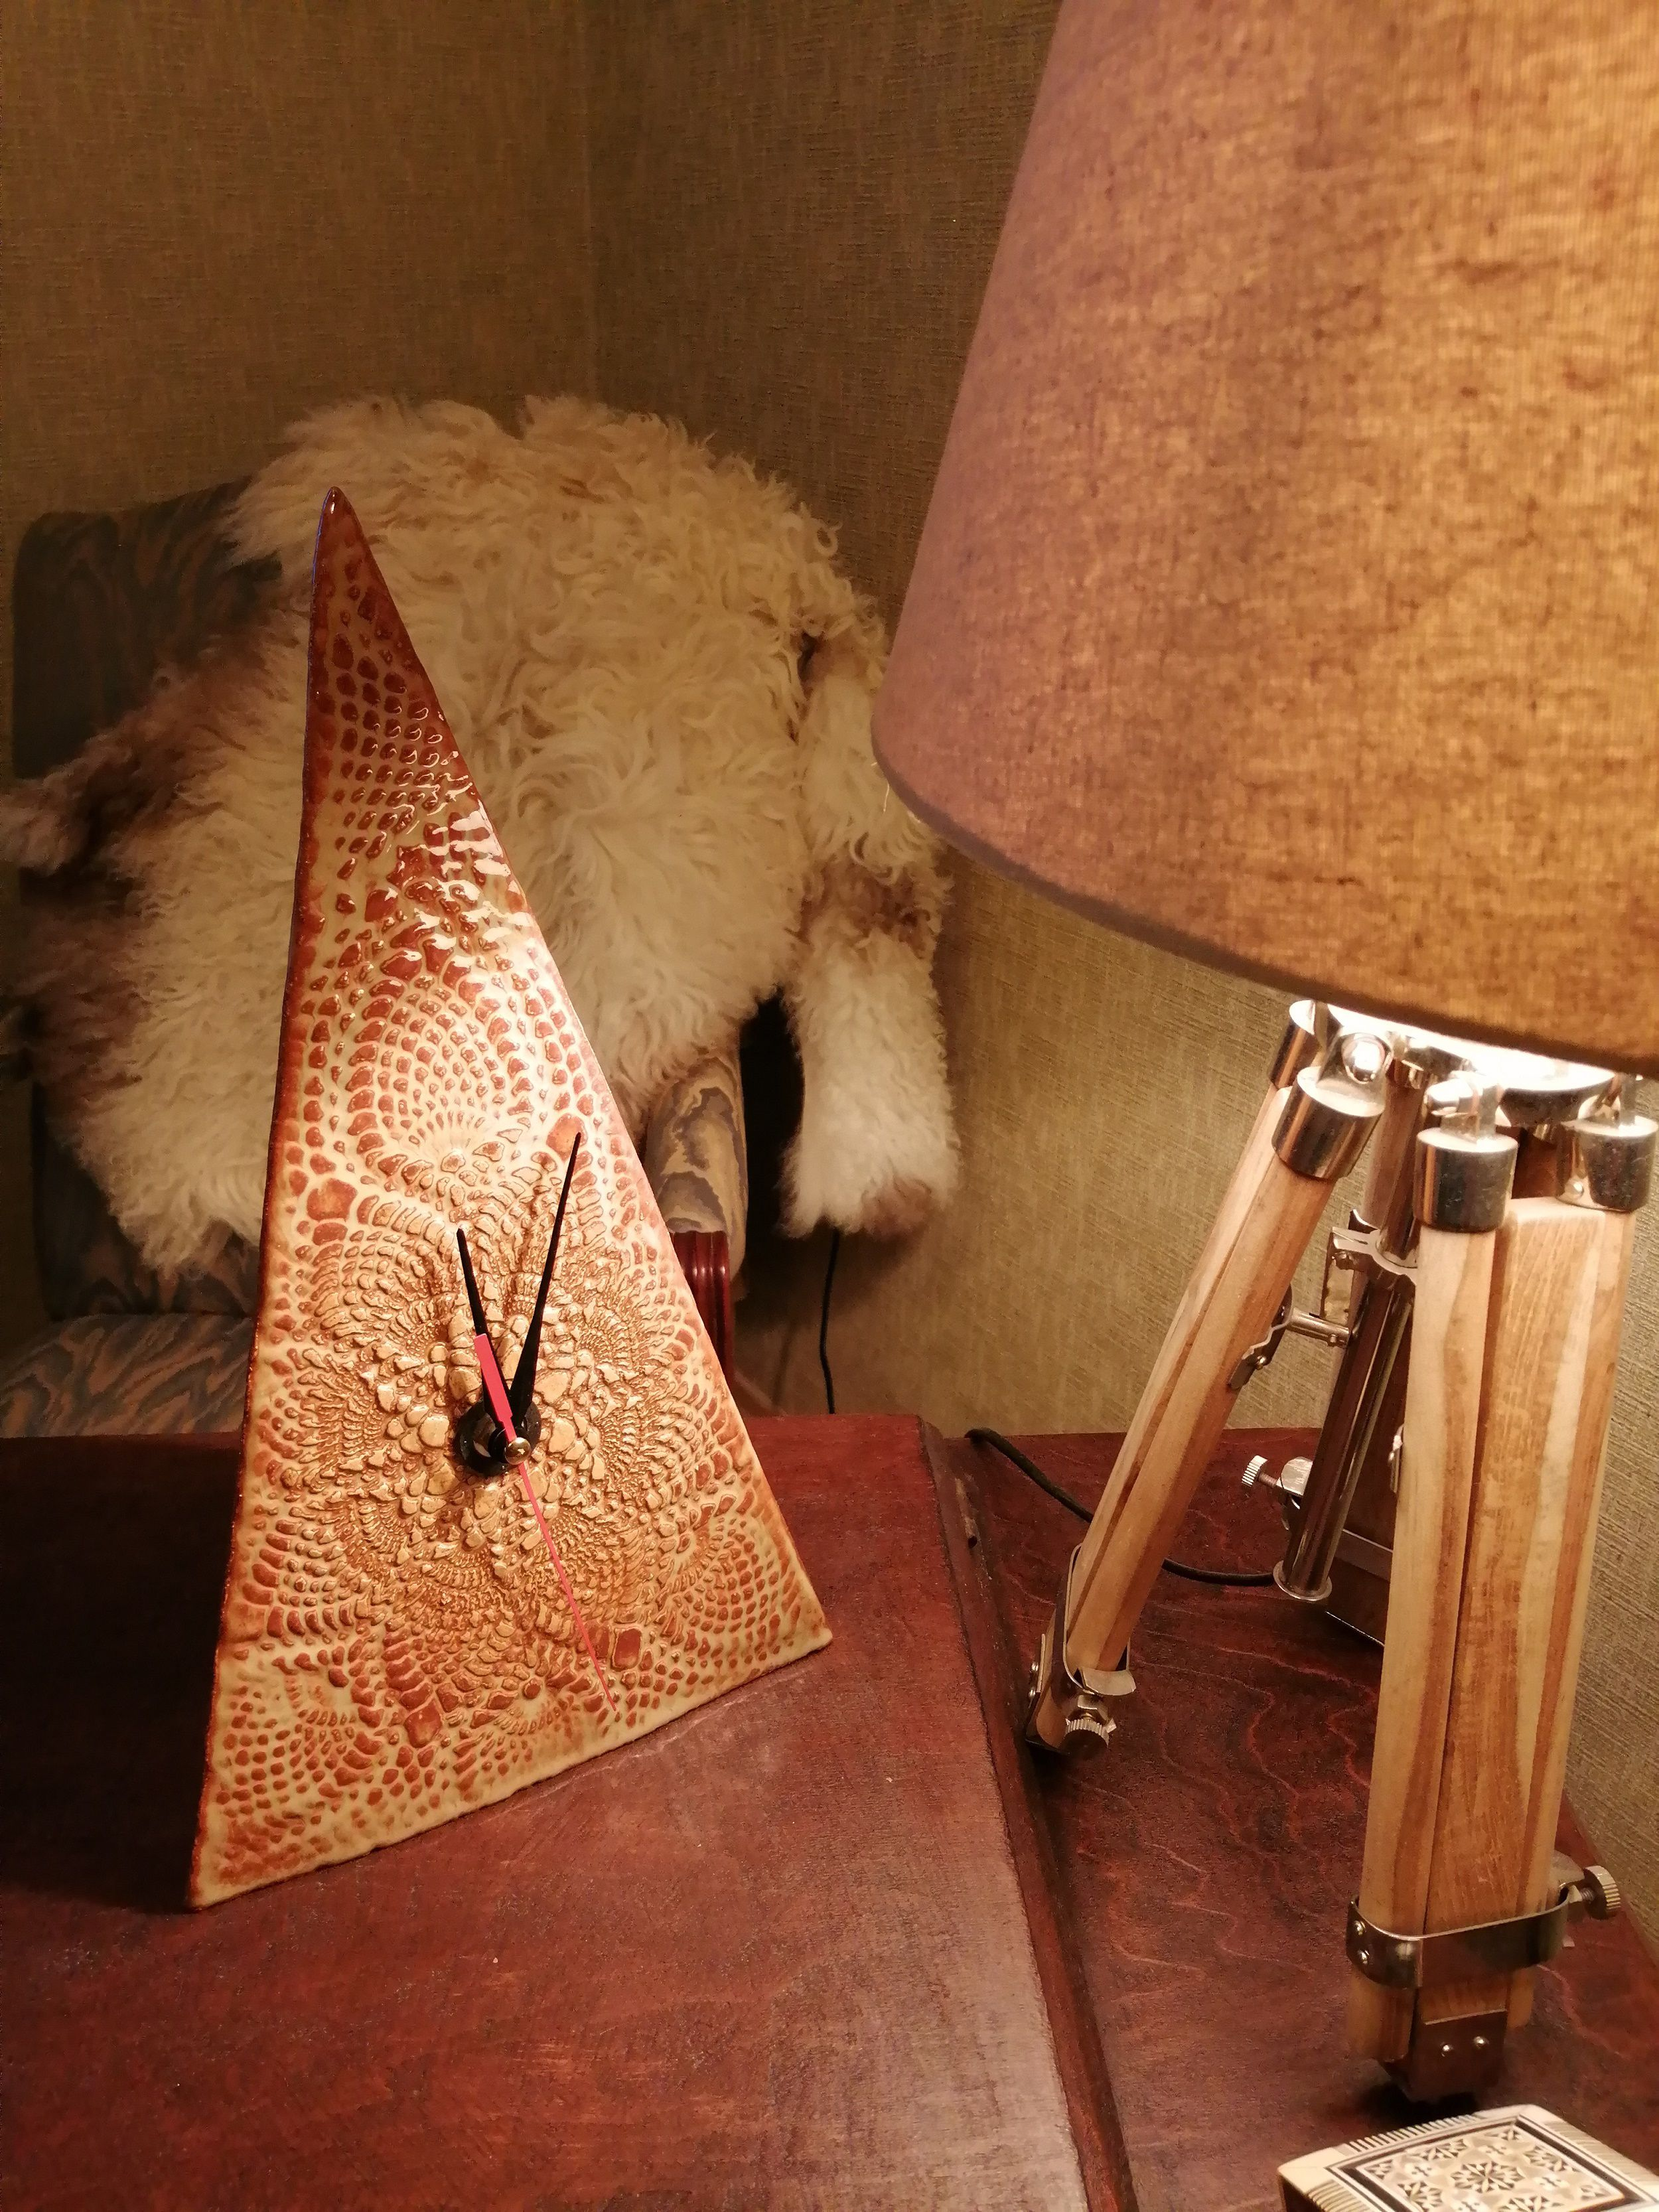 интерьера интерьерные день рождения керамические дома декор керамика глины любой для необычные ручной работы настольные коллеге начальнику подарок случай часы авторские красивые